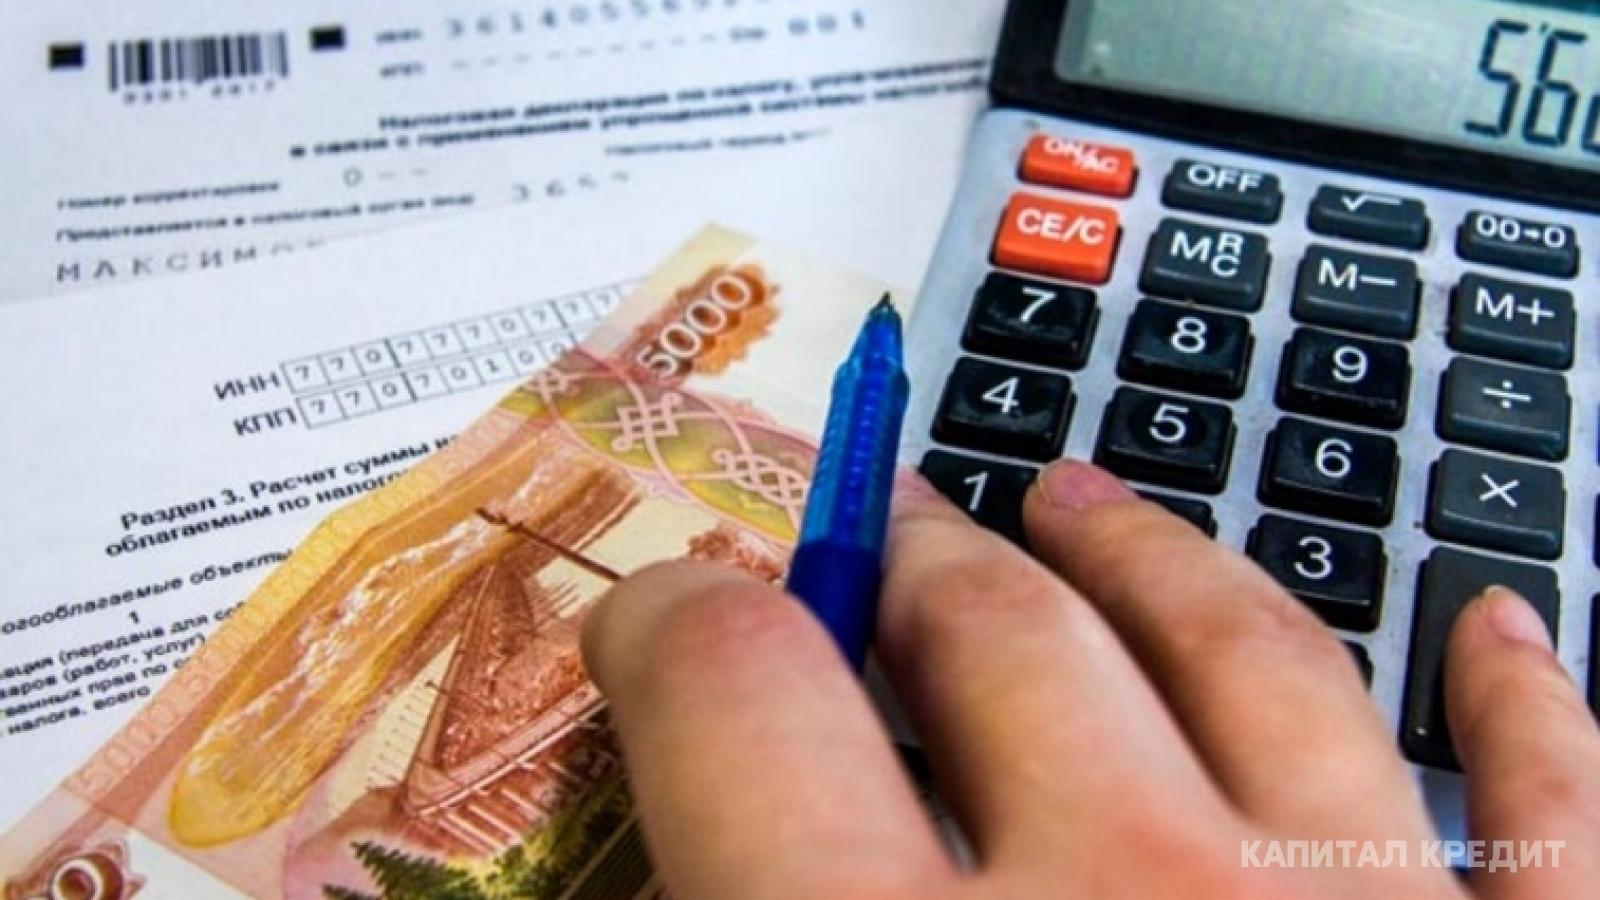 кредиты под залог недвижимости с плохой кредитной историей в ростове кредит без регистрации мгновенно на карту